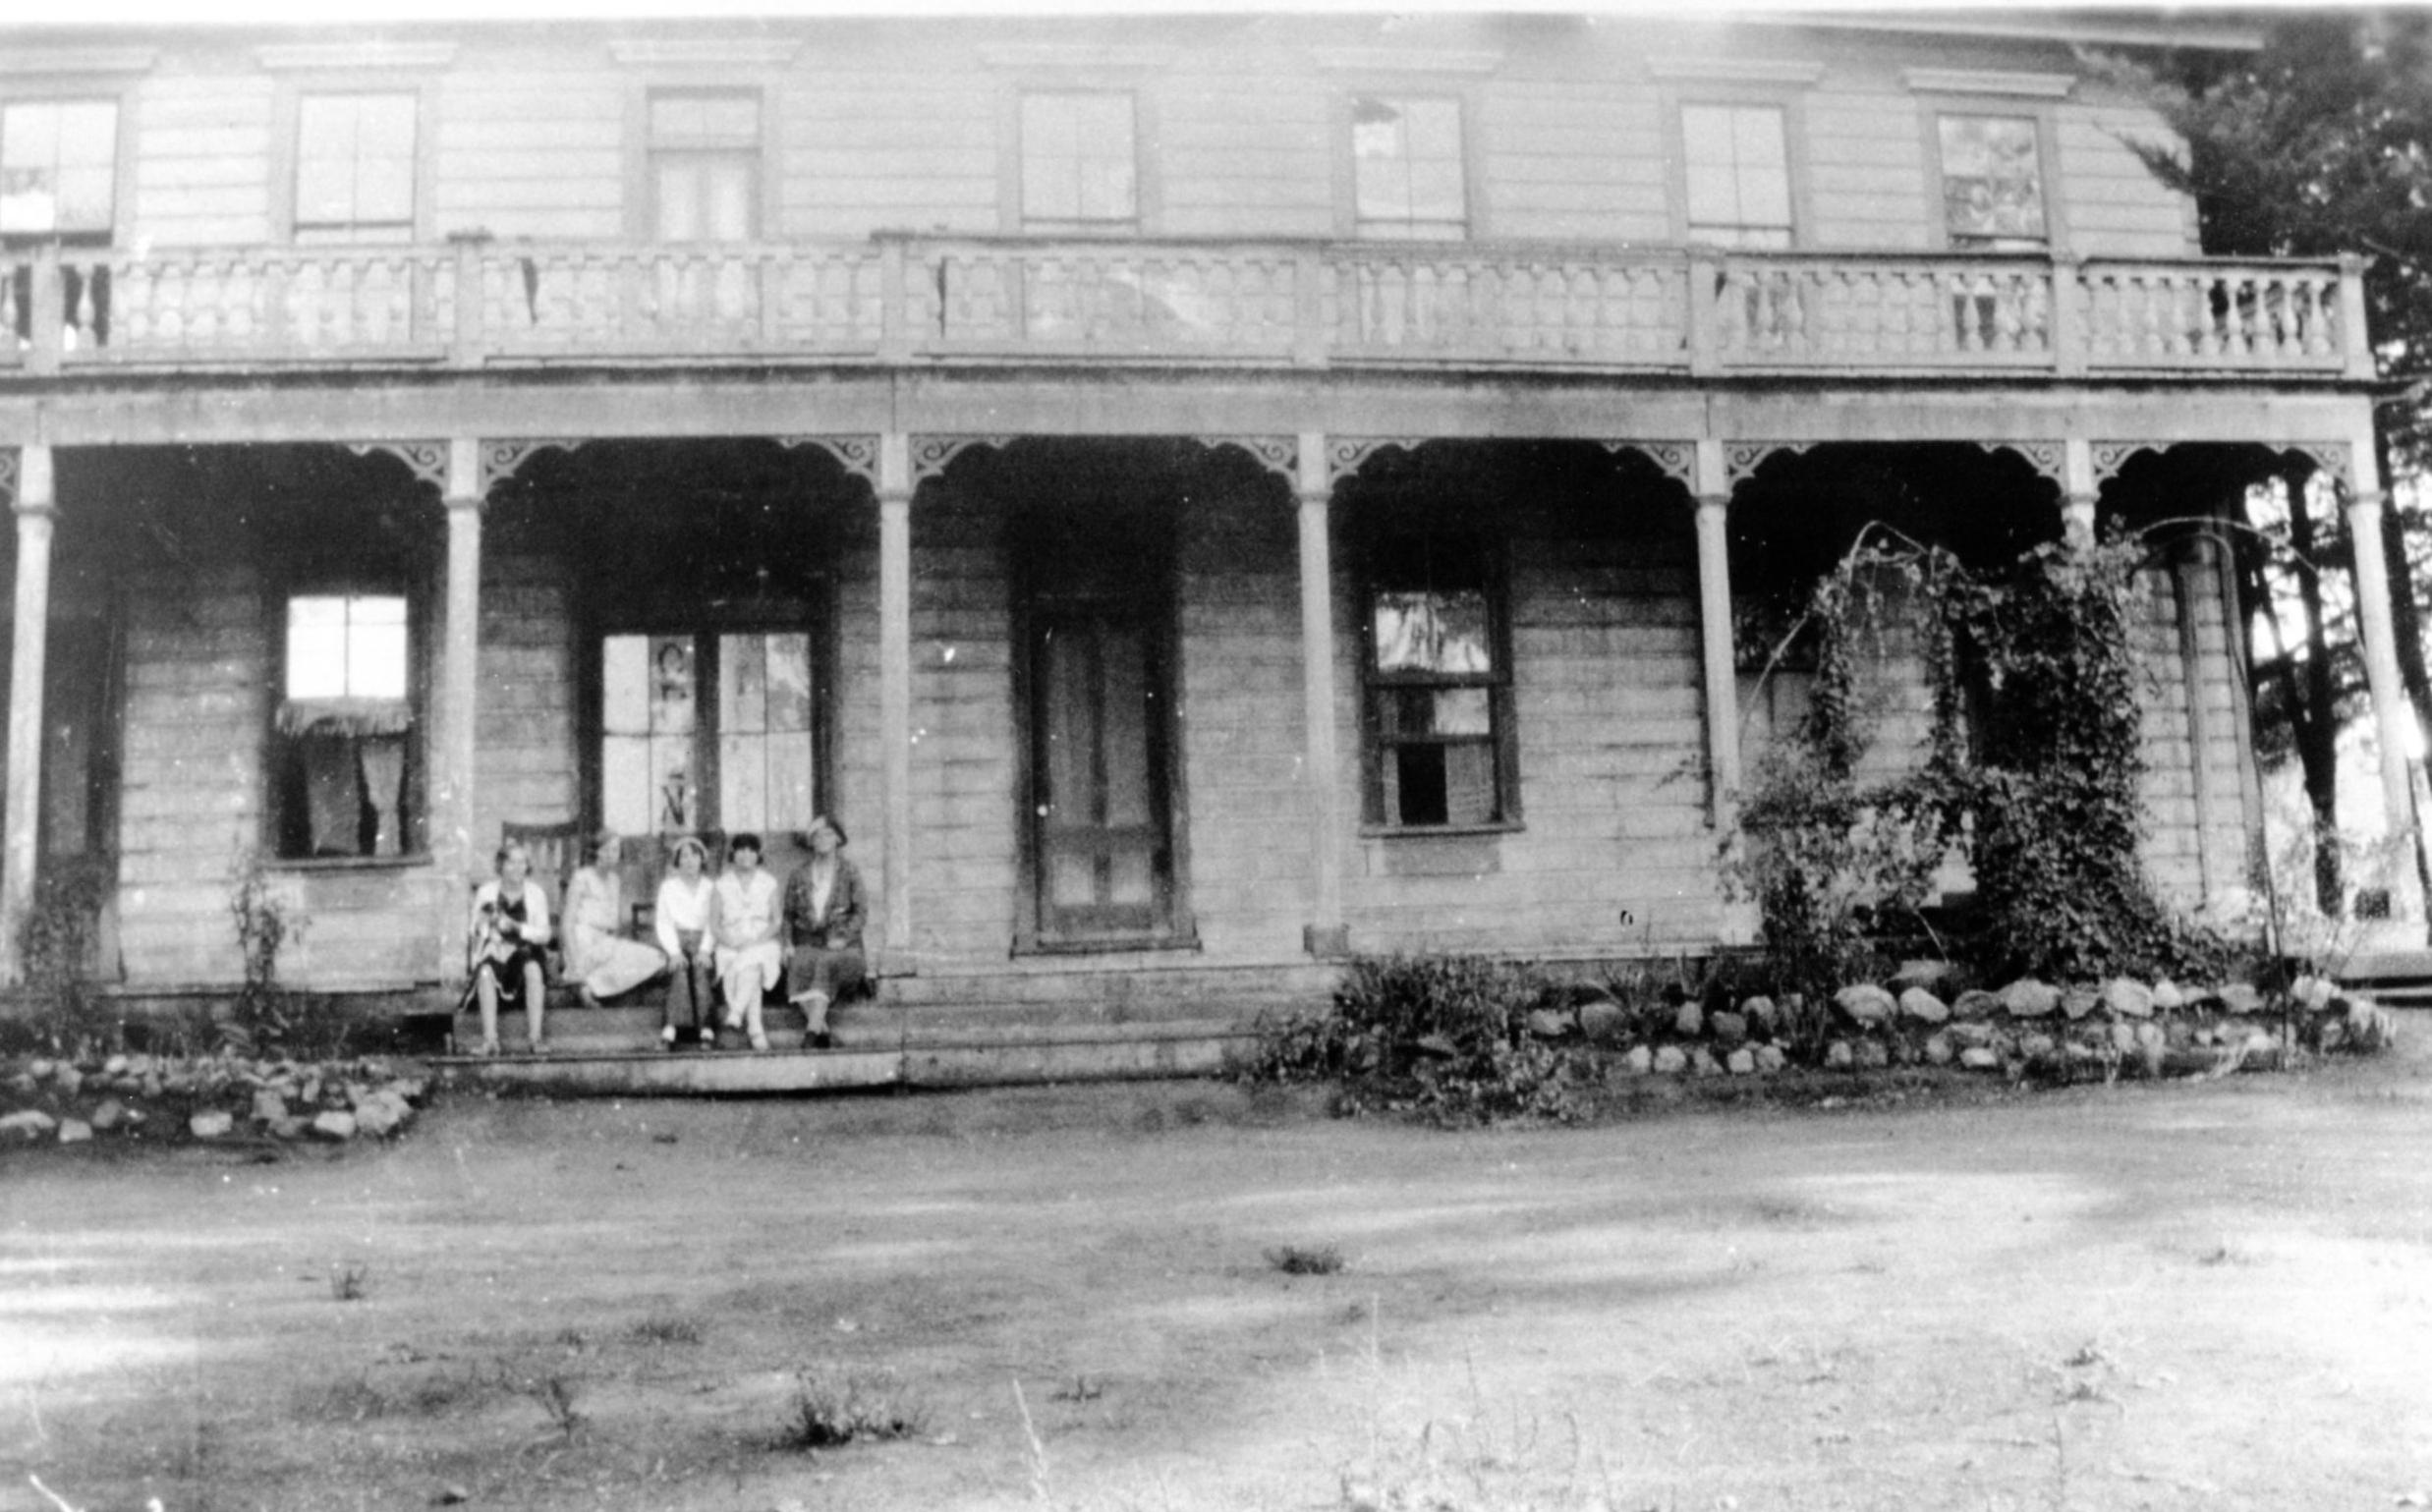 The hotel, circa 1930s